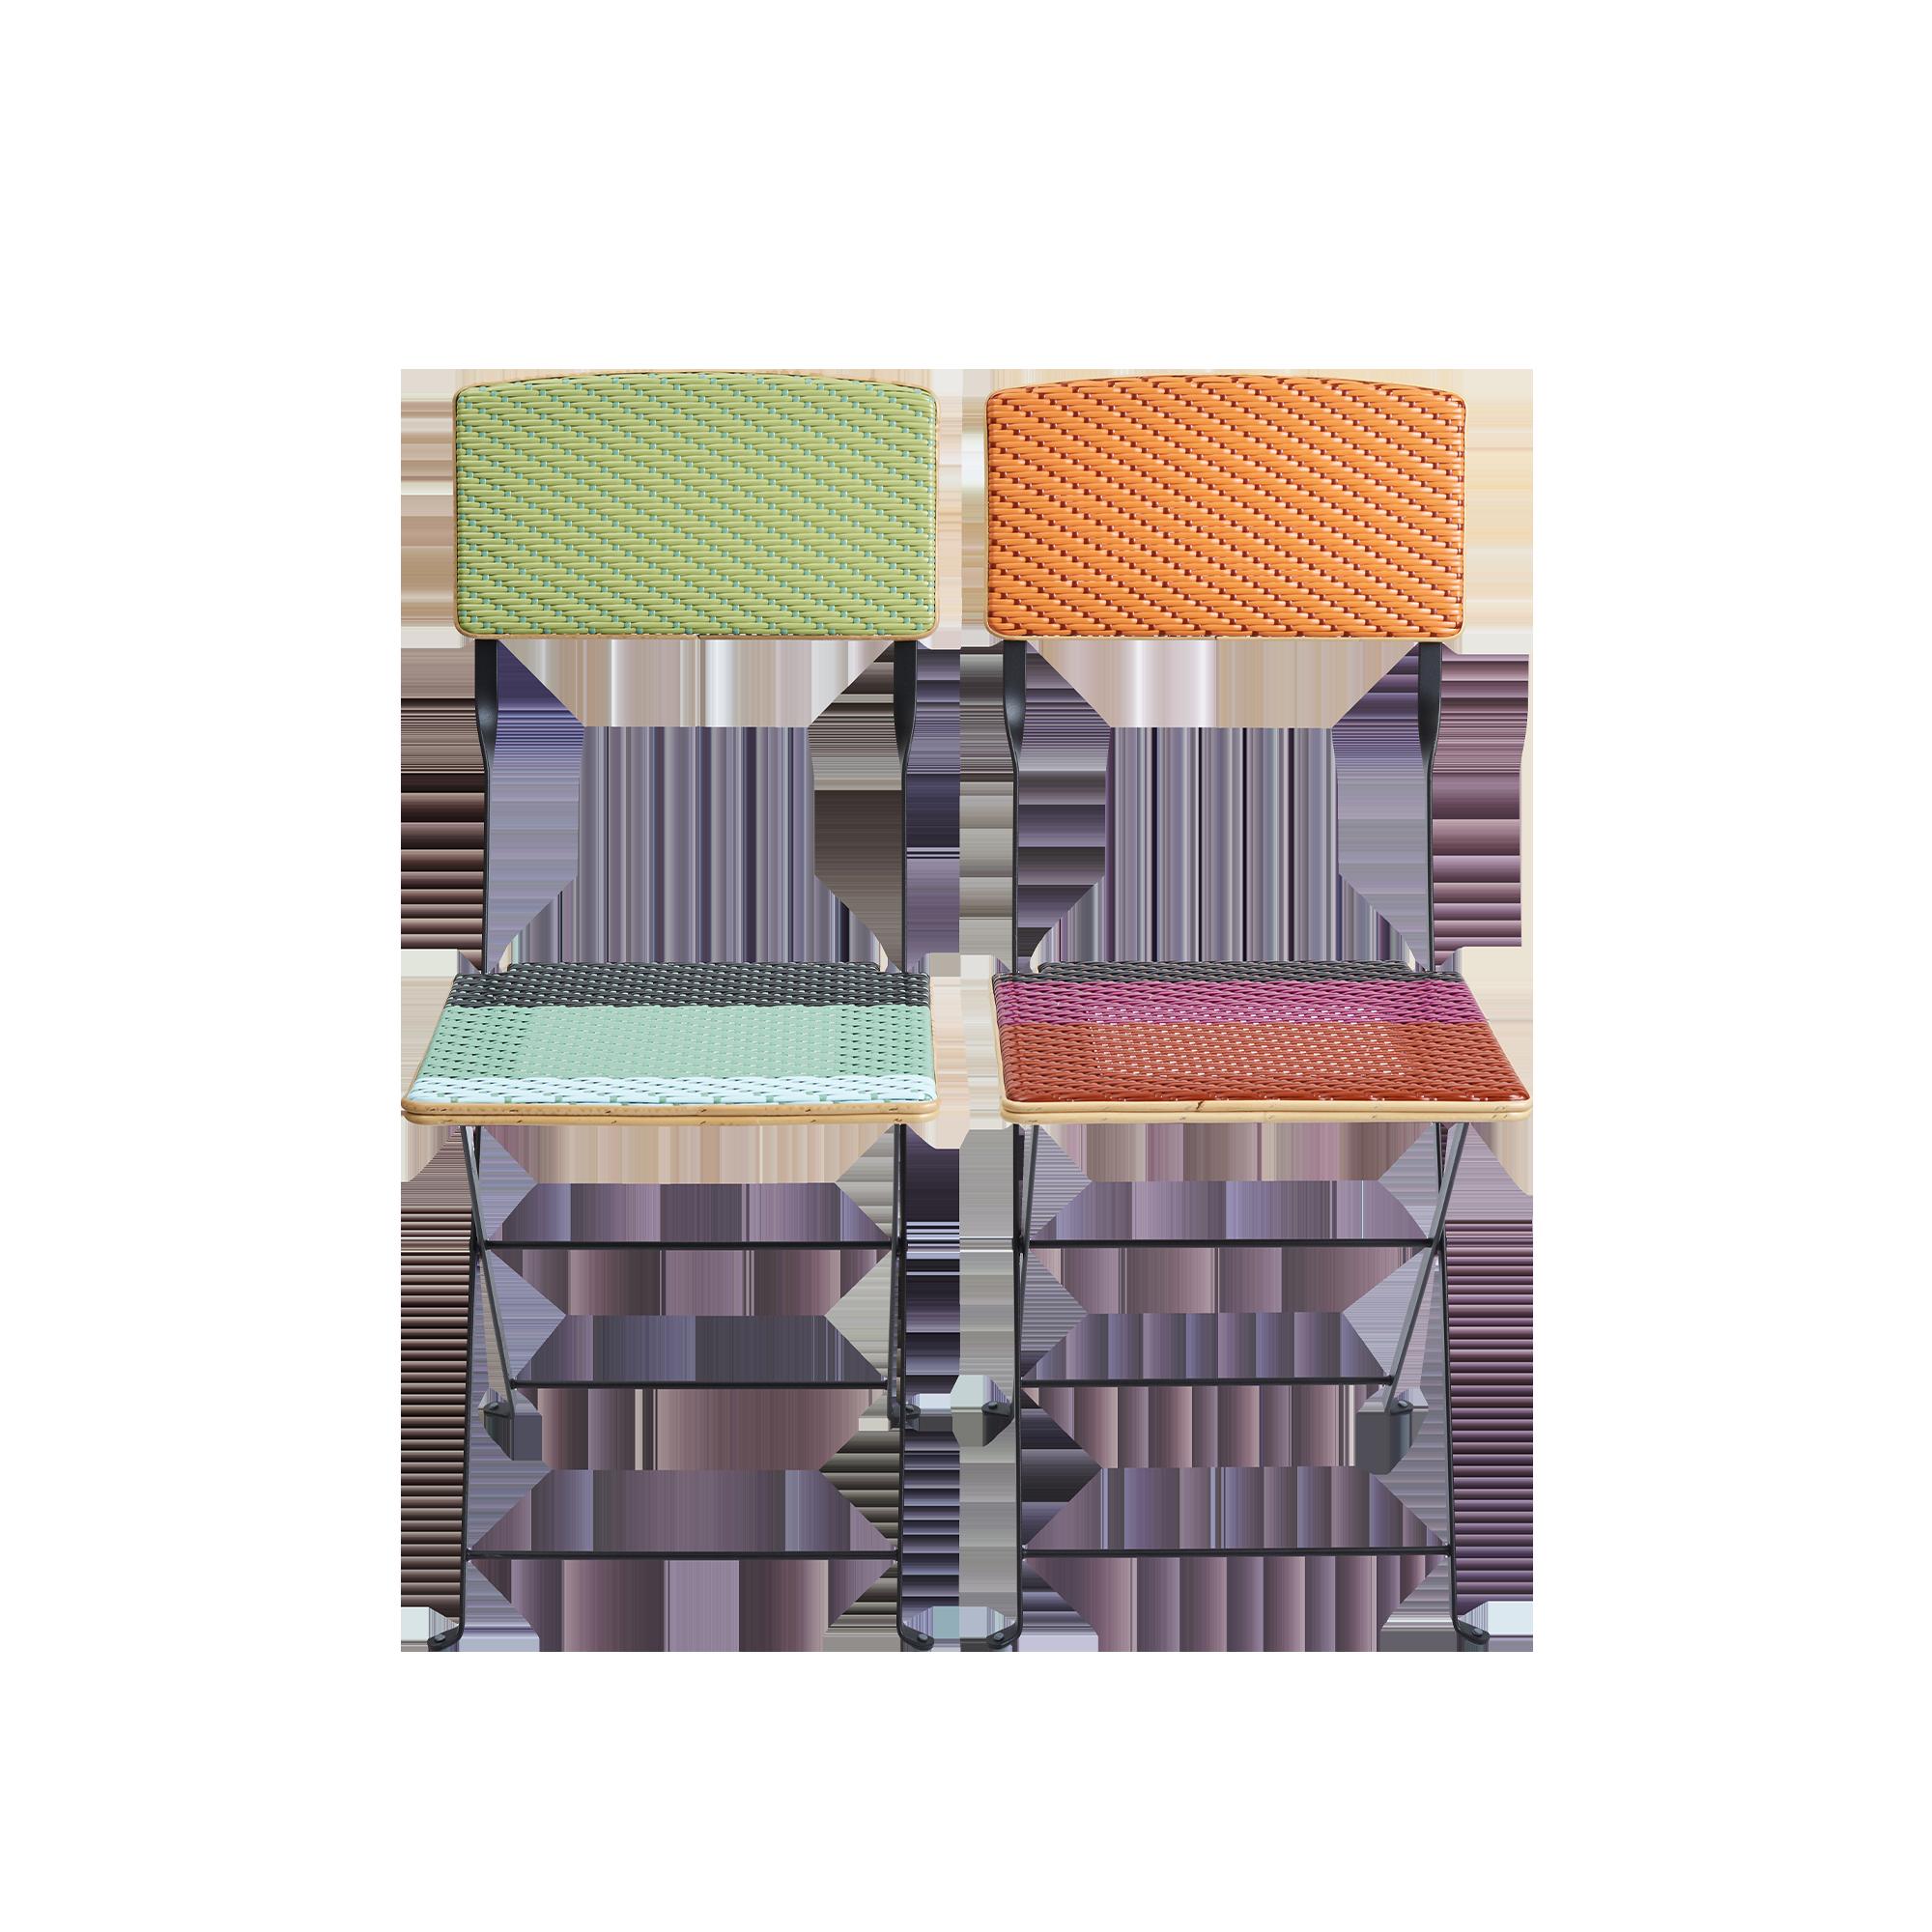 Candy chair - India Mahdavi